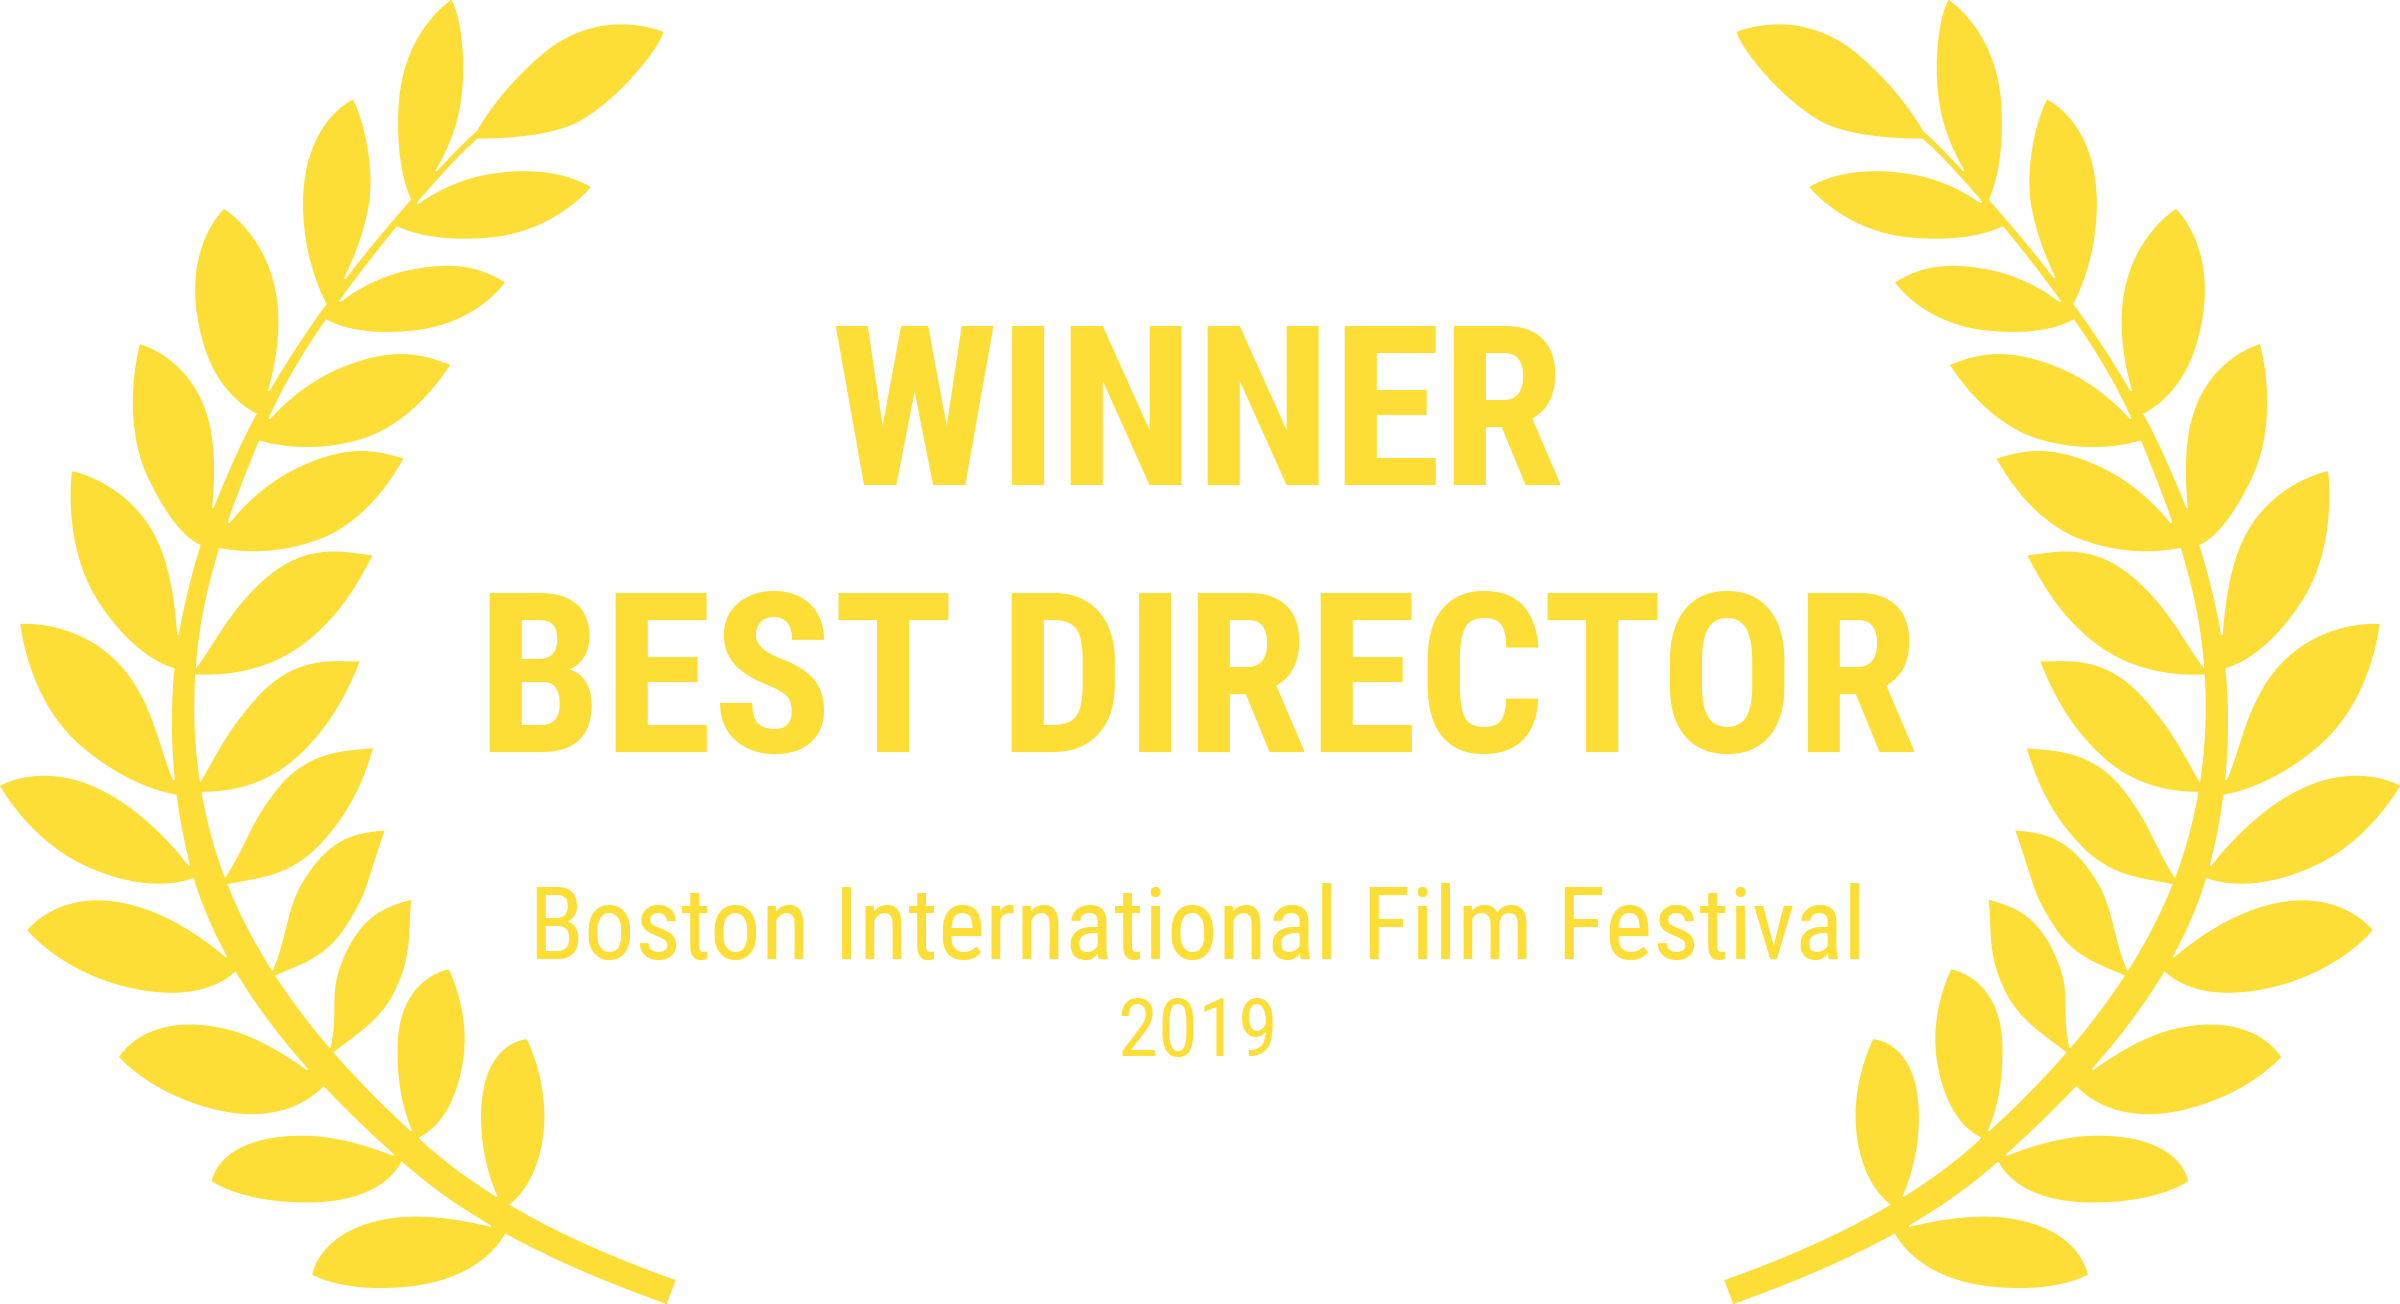 Low Low - Winner Best Director Nick Richey - Boston International Film Festival 2019